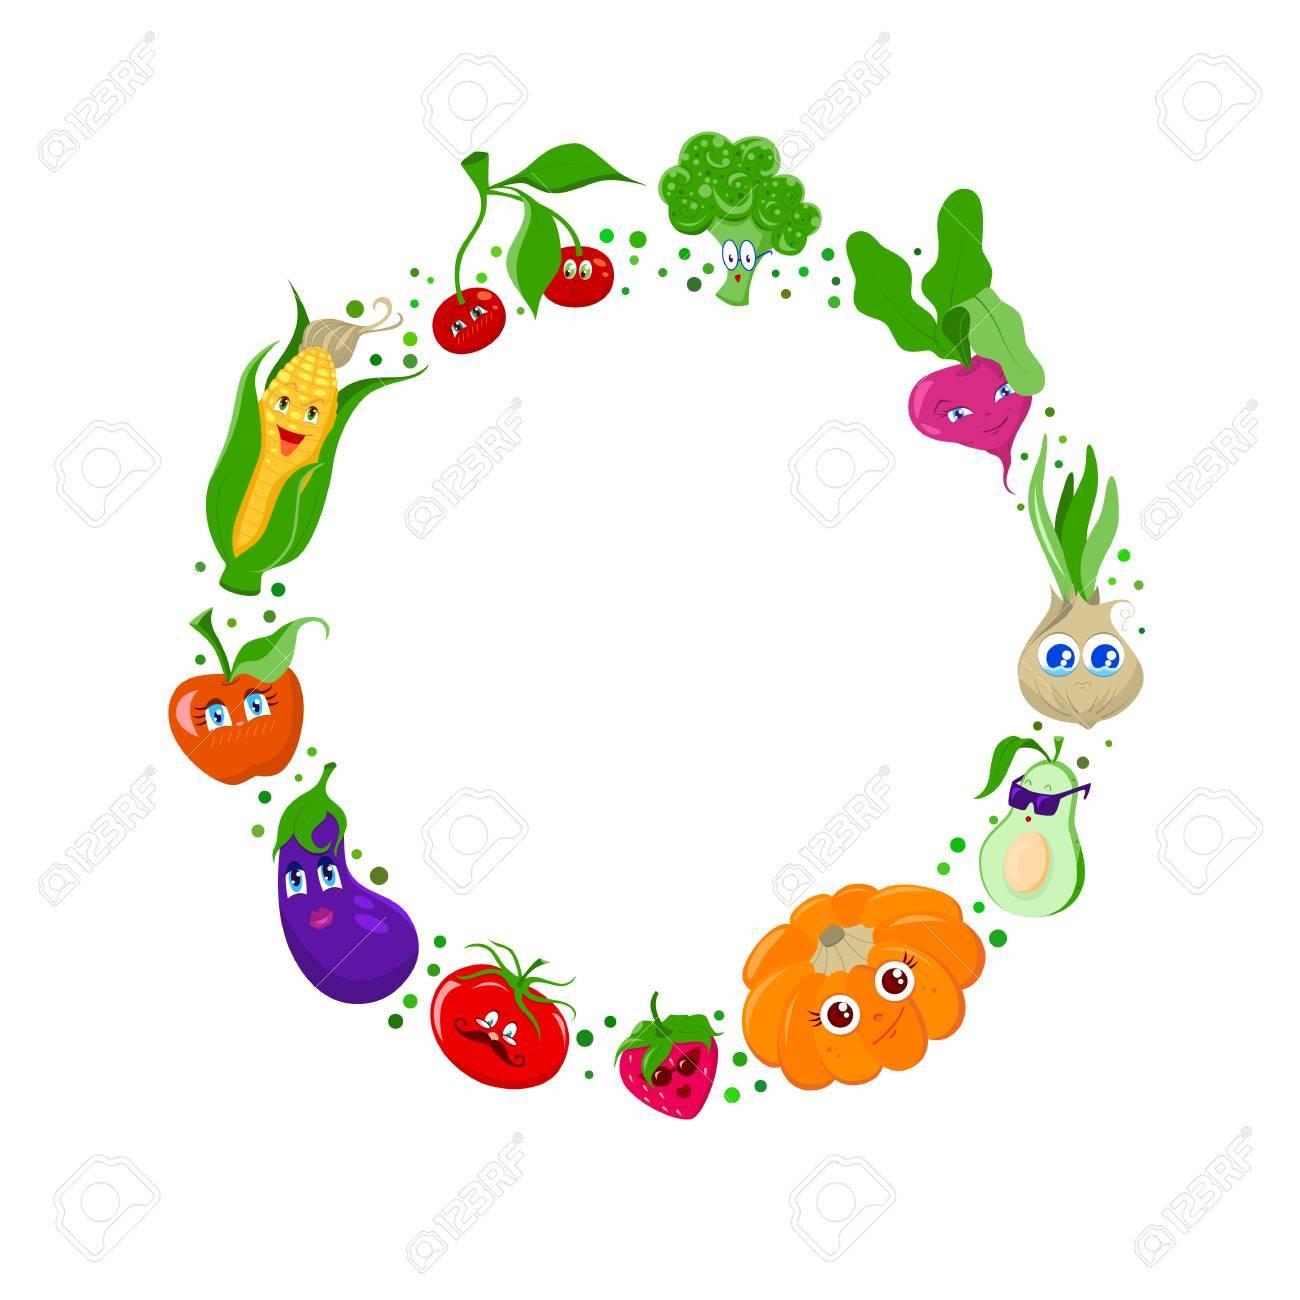 Funny Cartoon Obst Und Gemüse Rahmen Lizenzfrei Nutzbare ...